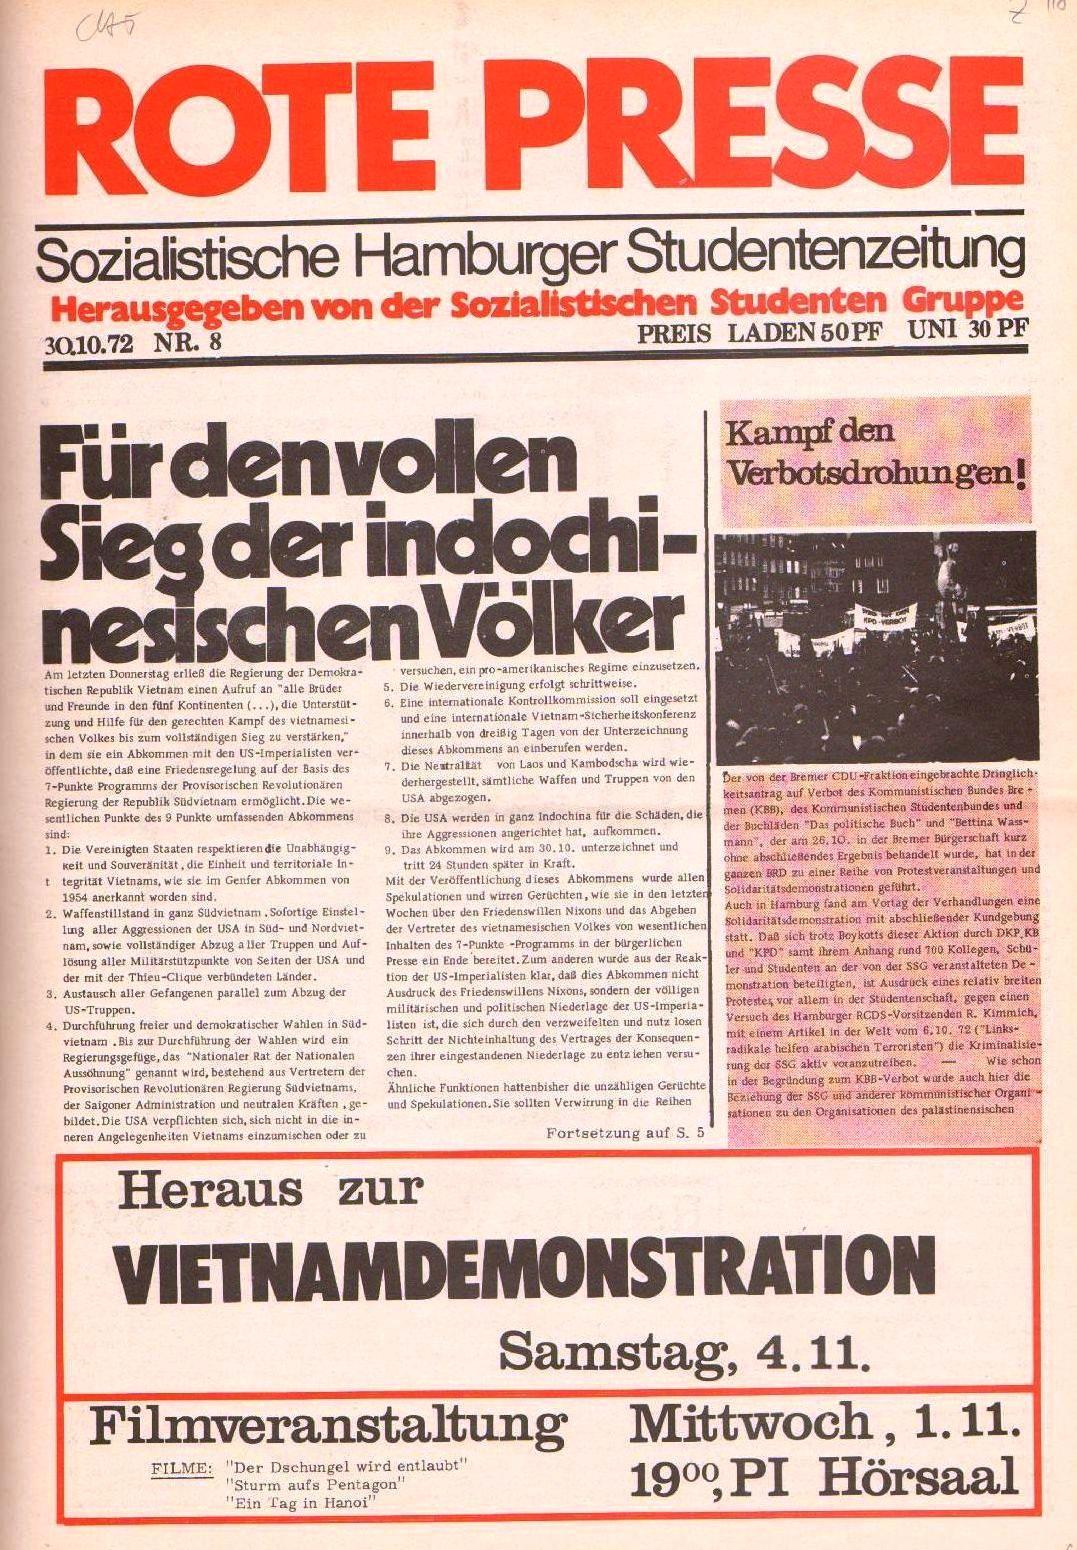 Hamburg_Rote_Presse045